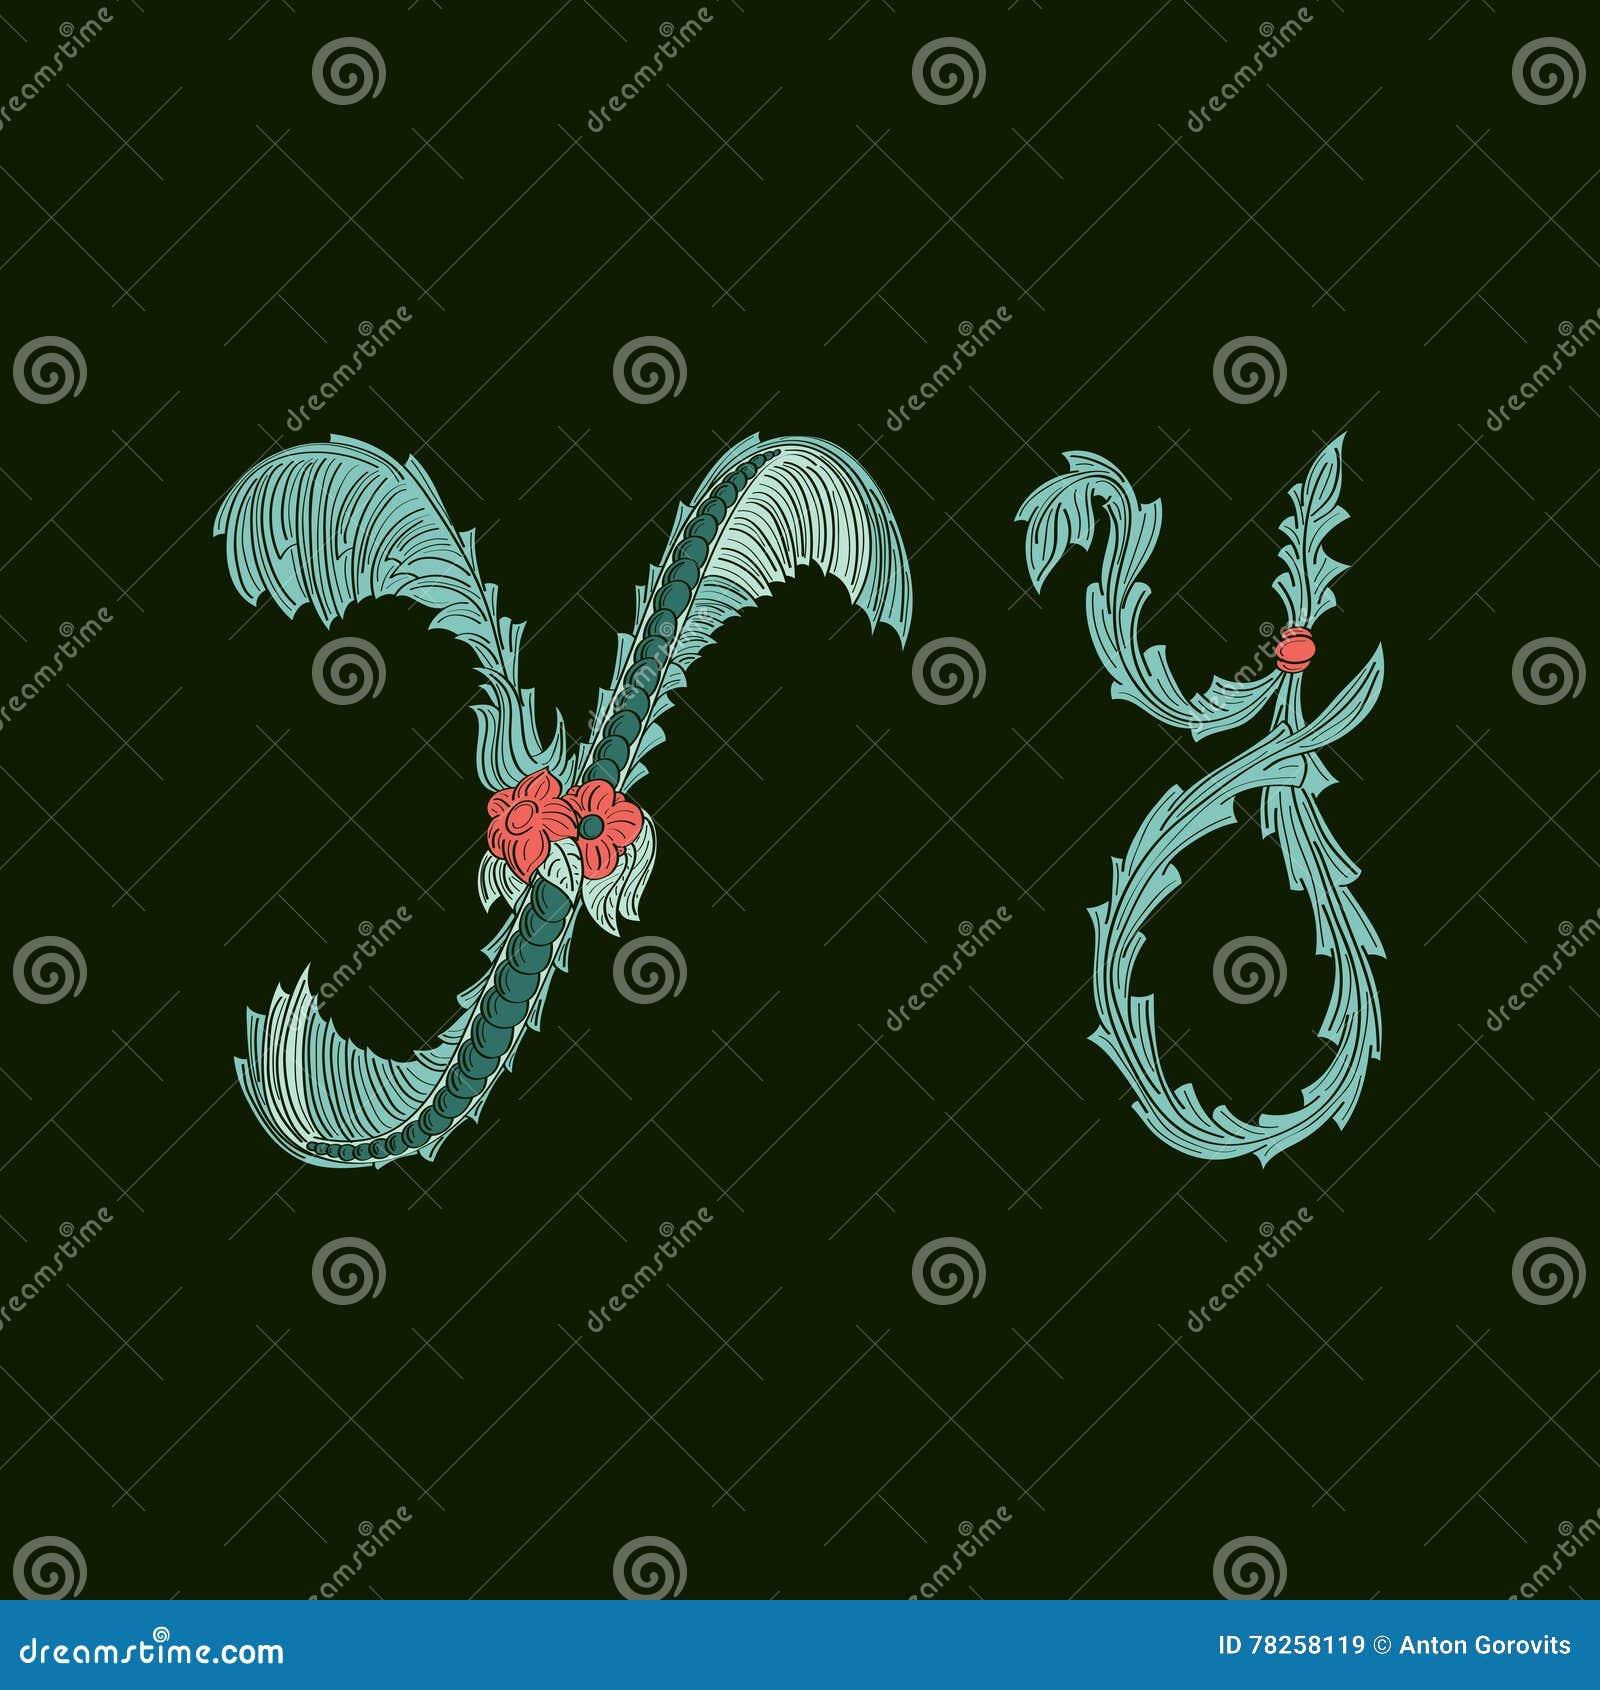 Αφηρημένο εικονίδιο λογότυπων γραμμάτων Υ στο μπλε τροπικό ύφος